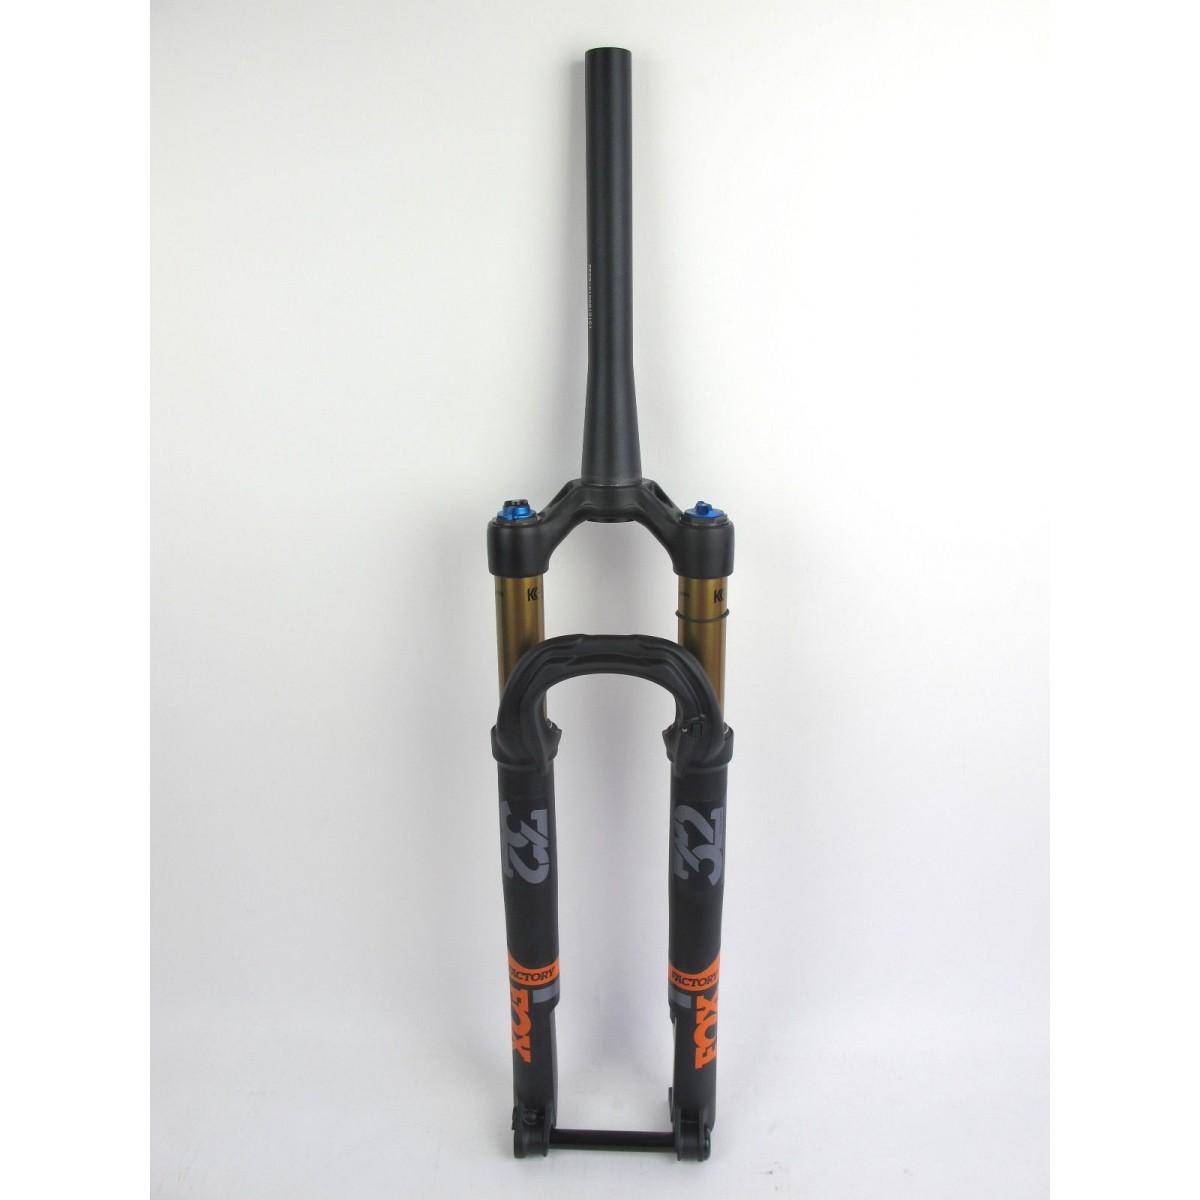 Lançamento - Suspensão FOX Passo Fork Forno 29 100 15x100 Kabolt Taper 51mm